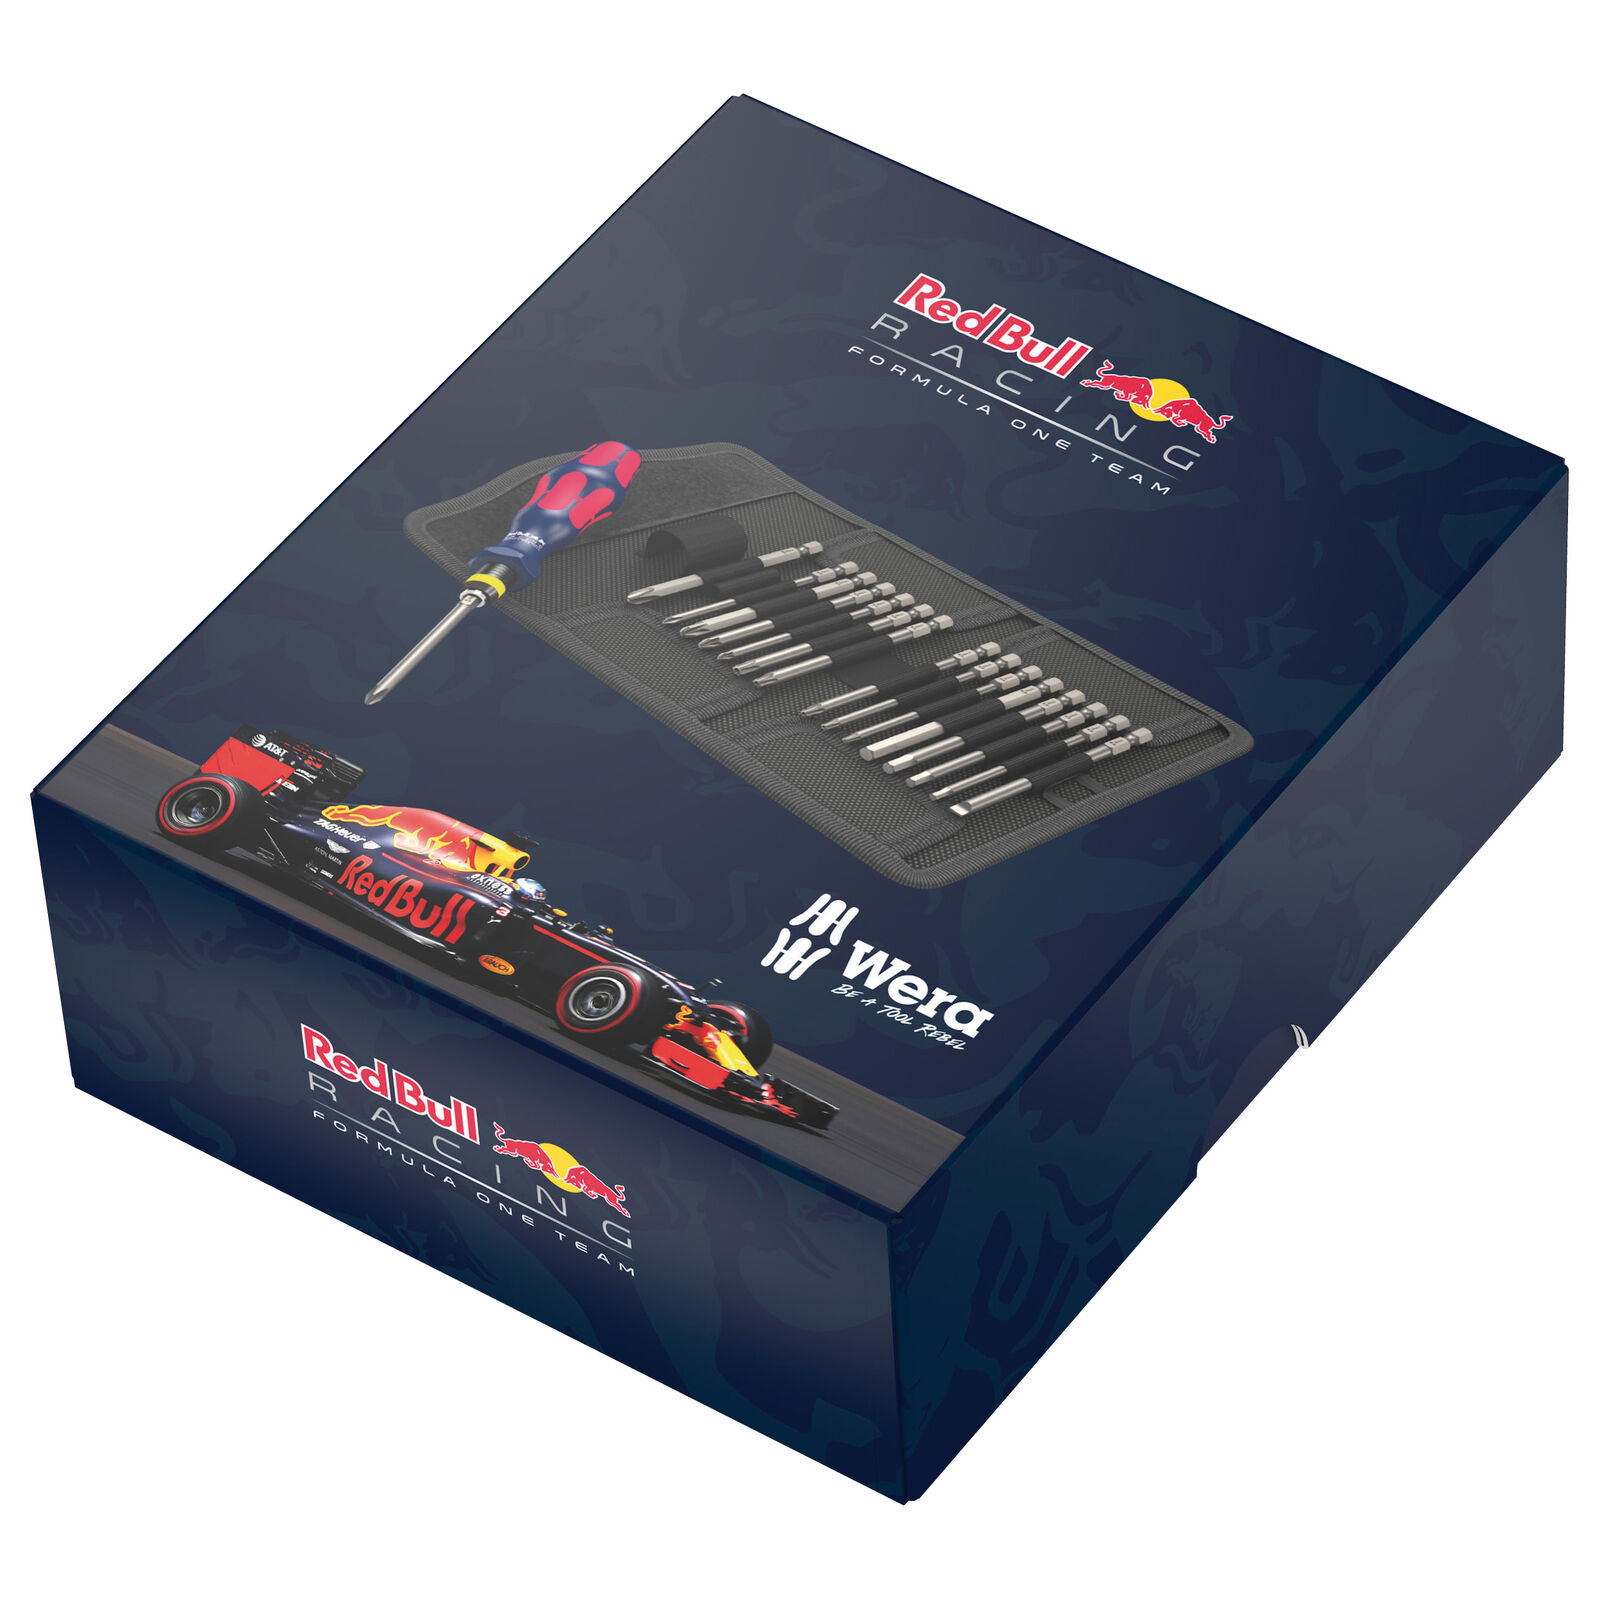 Bild zu 17-teiliges Schrauendreher-Set Wera Red Bull Racing Kraftform Kompakt 60 für 31,49€ (Vergleich: 43€)